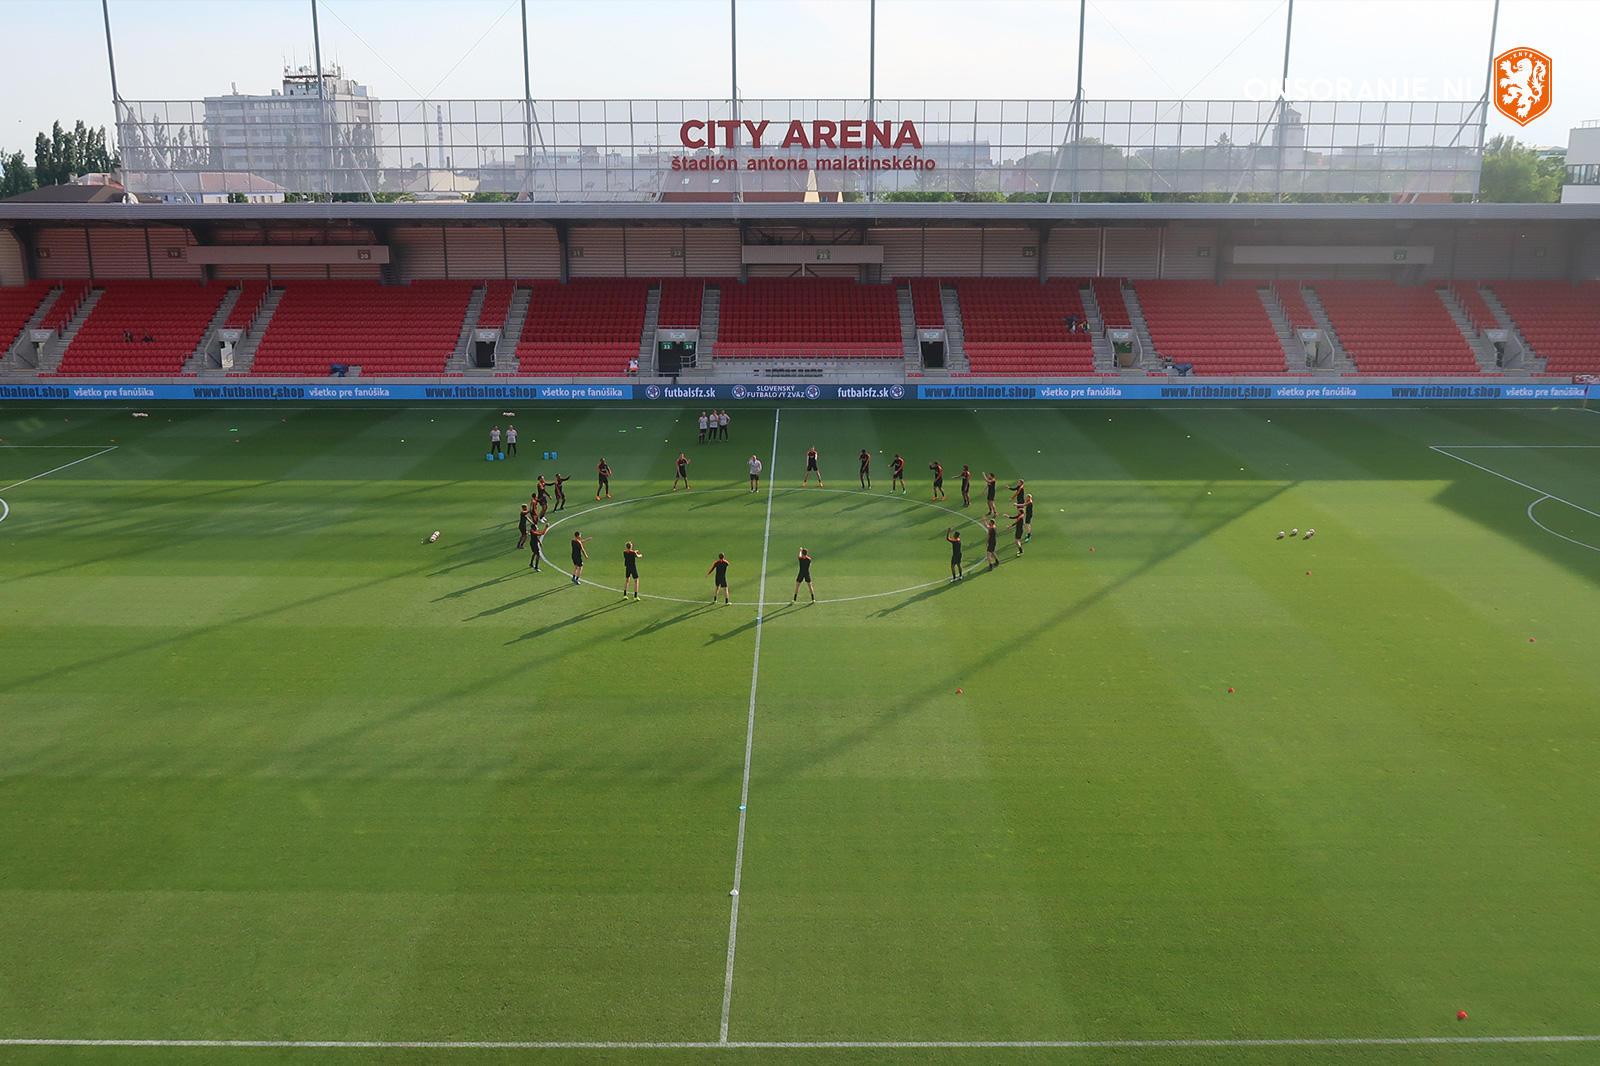 🕒 | Nog 3️⃣ uur tot de aftrap. #SLWNED  Het Štadión Antona Malatinského heeft plek voor 19.200 toeschouwers. Er zullen vanavond 150 Oranje-supporters aanwezig zijn 👏 https://t.co/LkAqWAkCfM